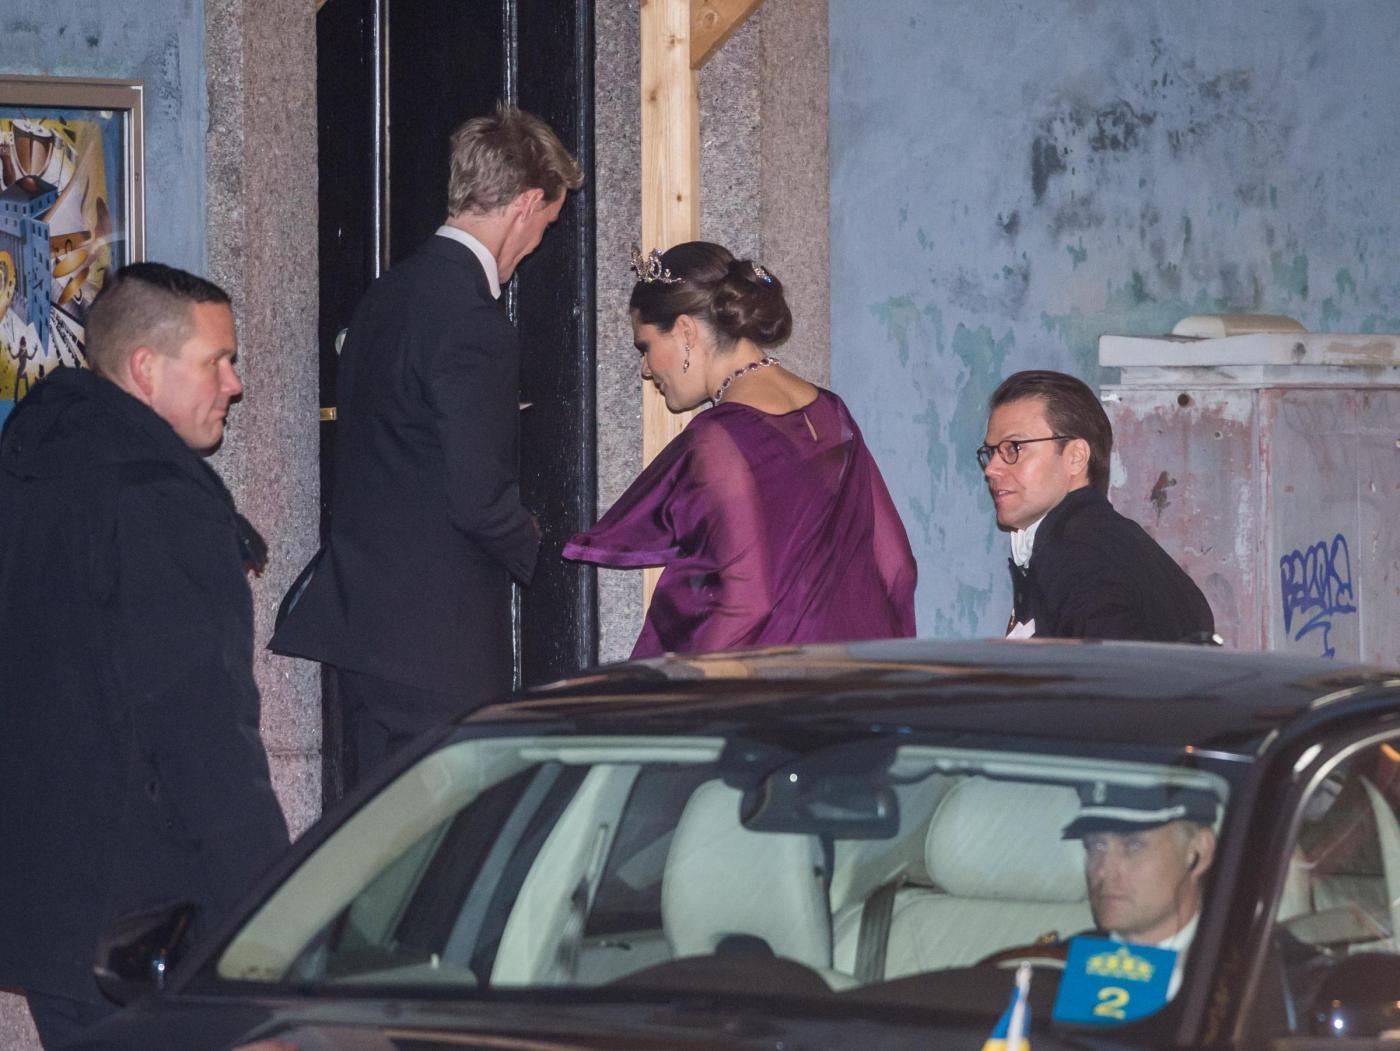 Nobel, principessa di Svezia incinta con abito a vita alta8